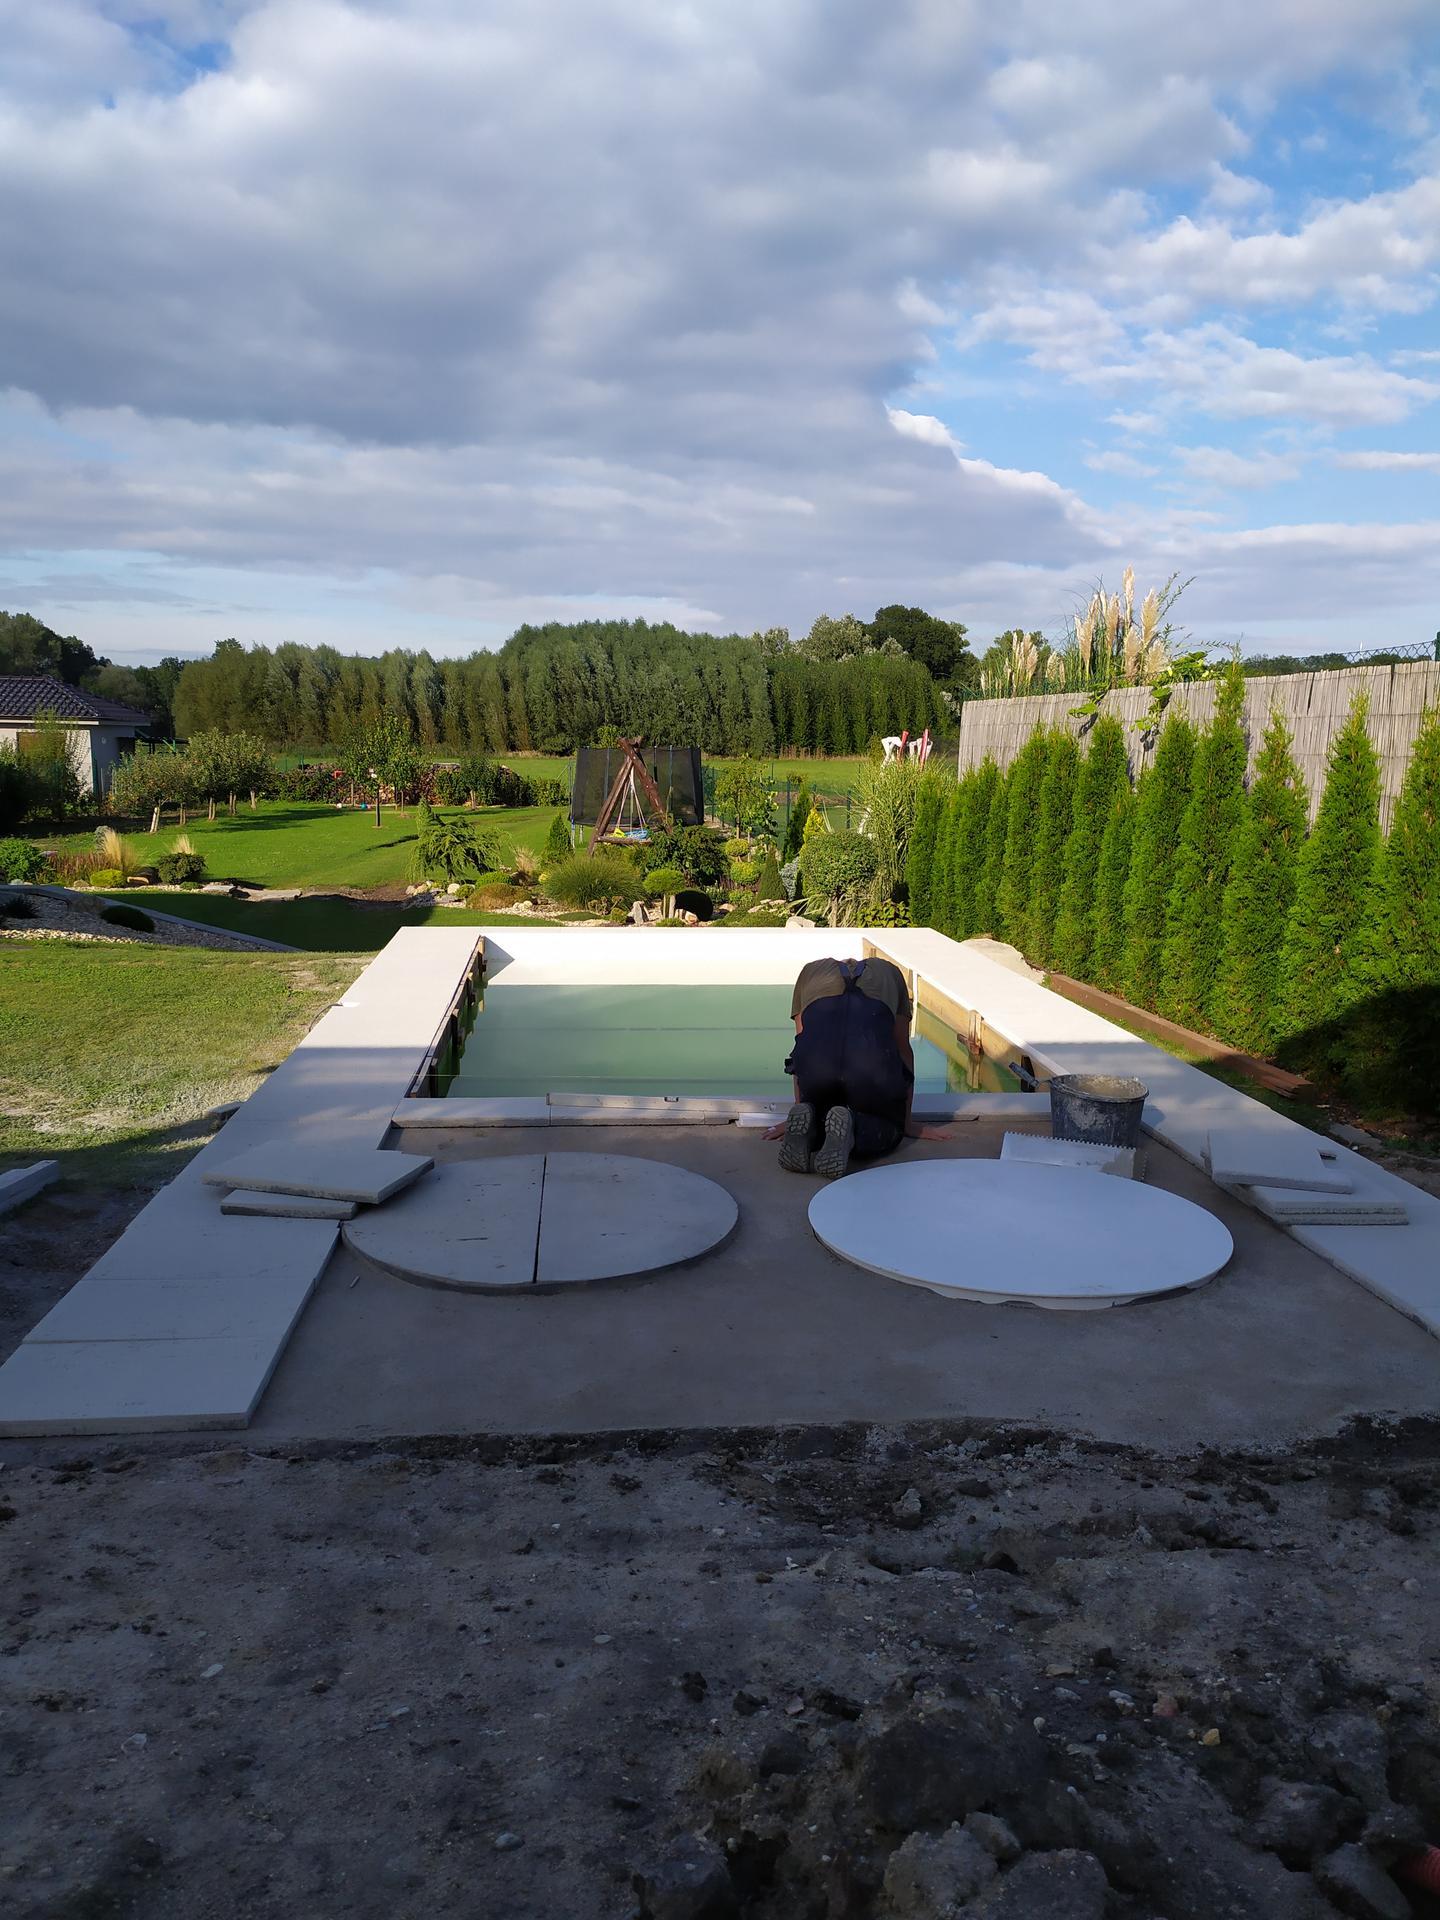 Bazén srpen 2020: doplněk naší zahrady😉 - Obrázek č. 10